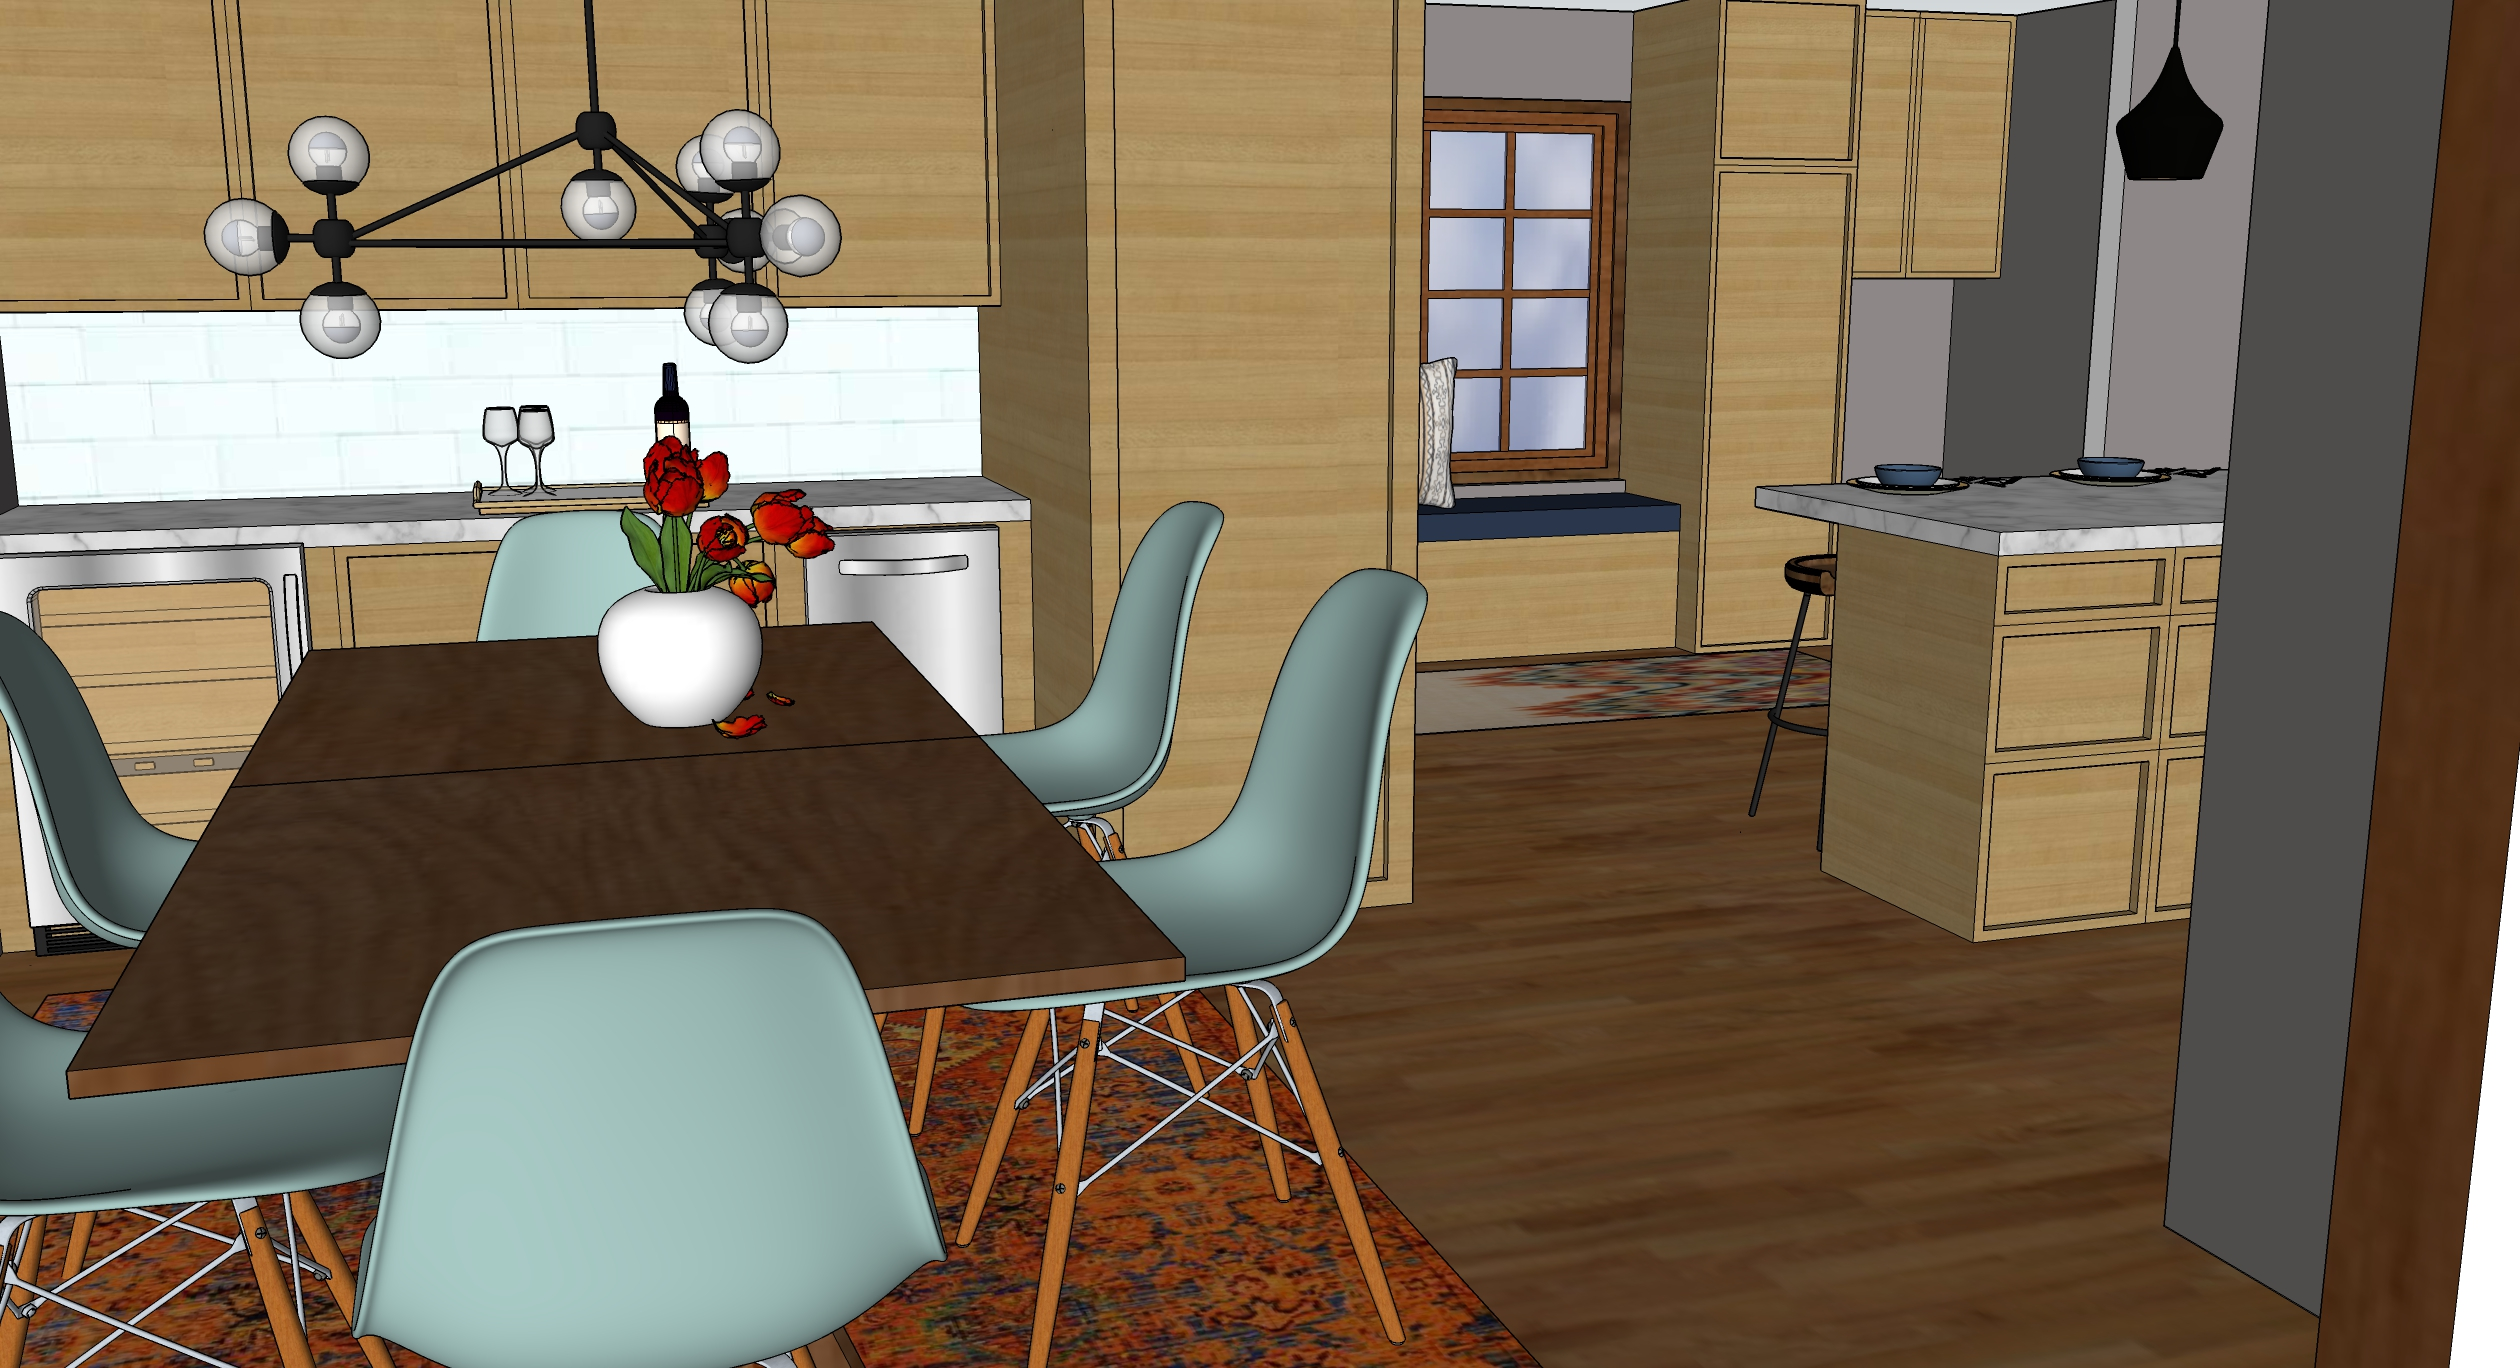 kk kitchen 3 dining render